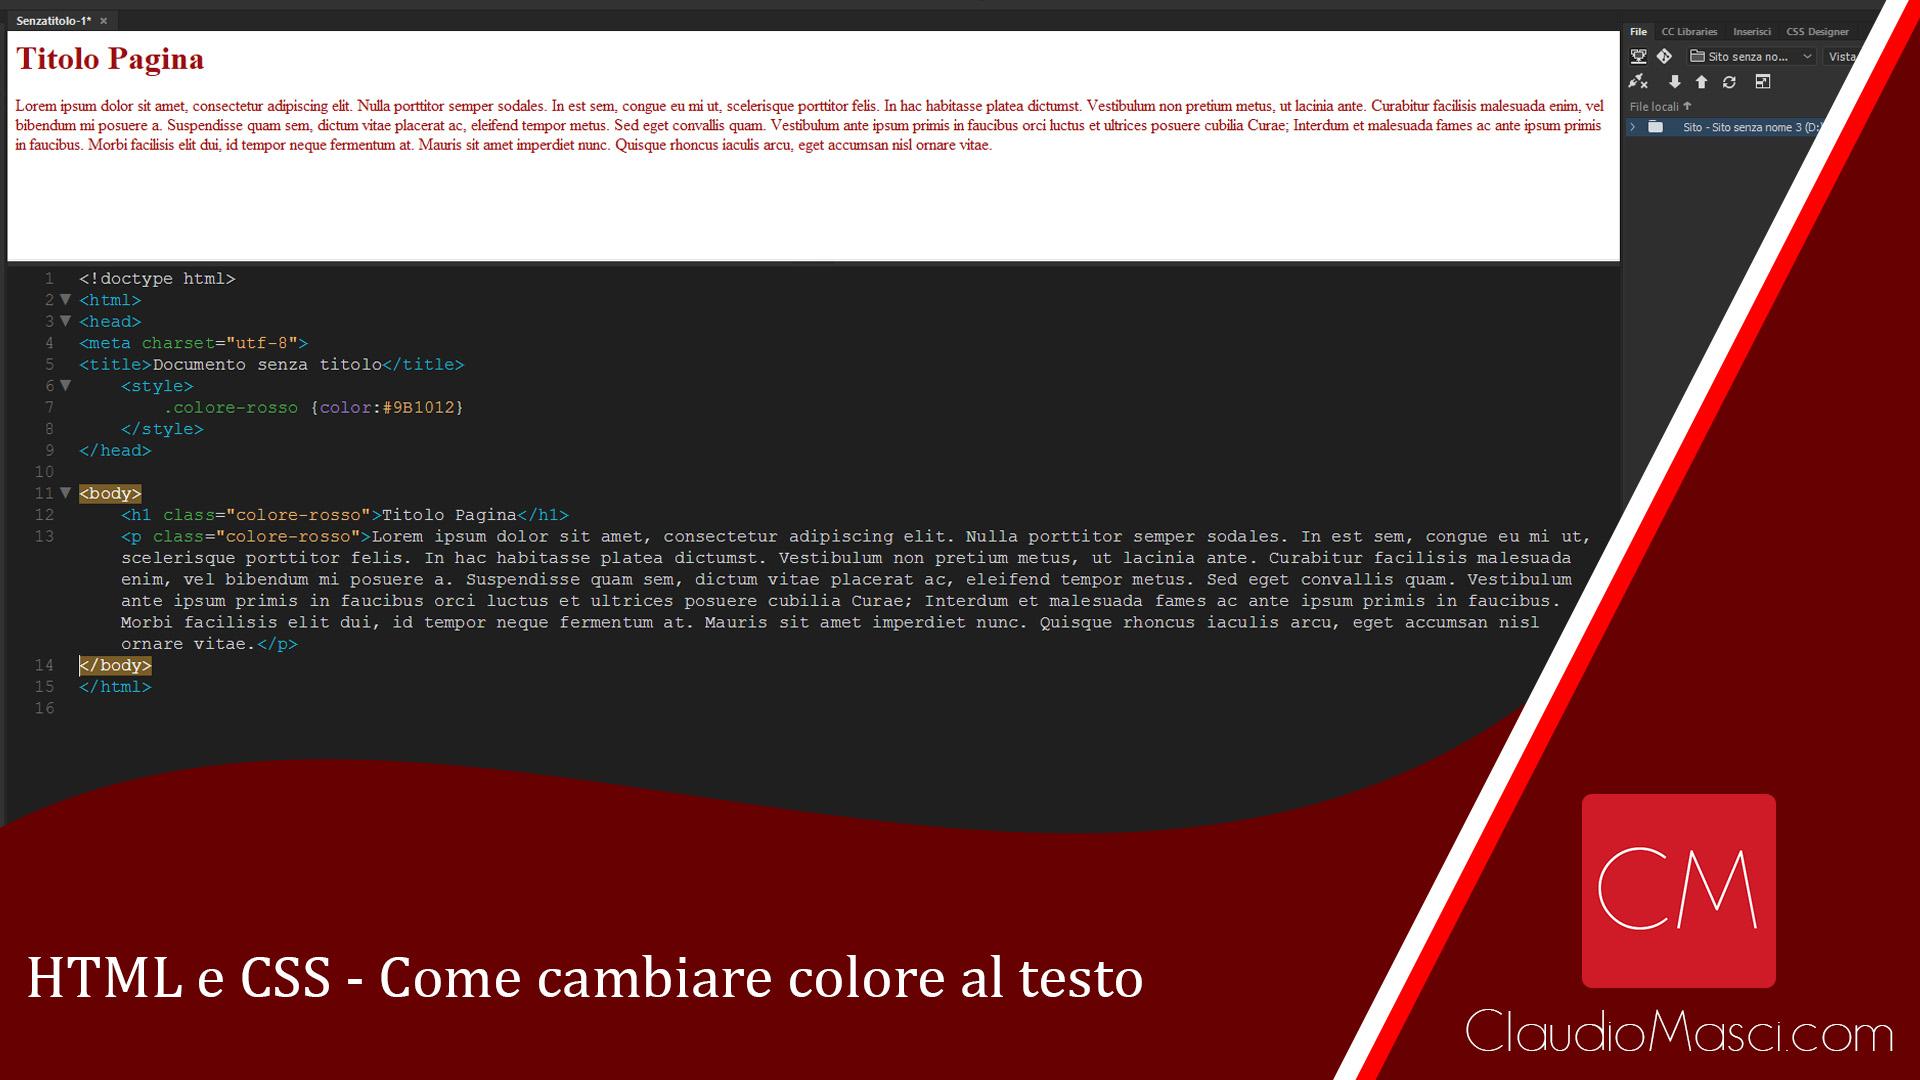 Come cambiare colore al testo in HTML e CSS